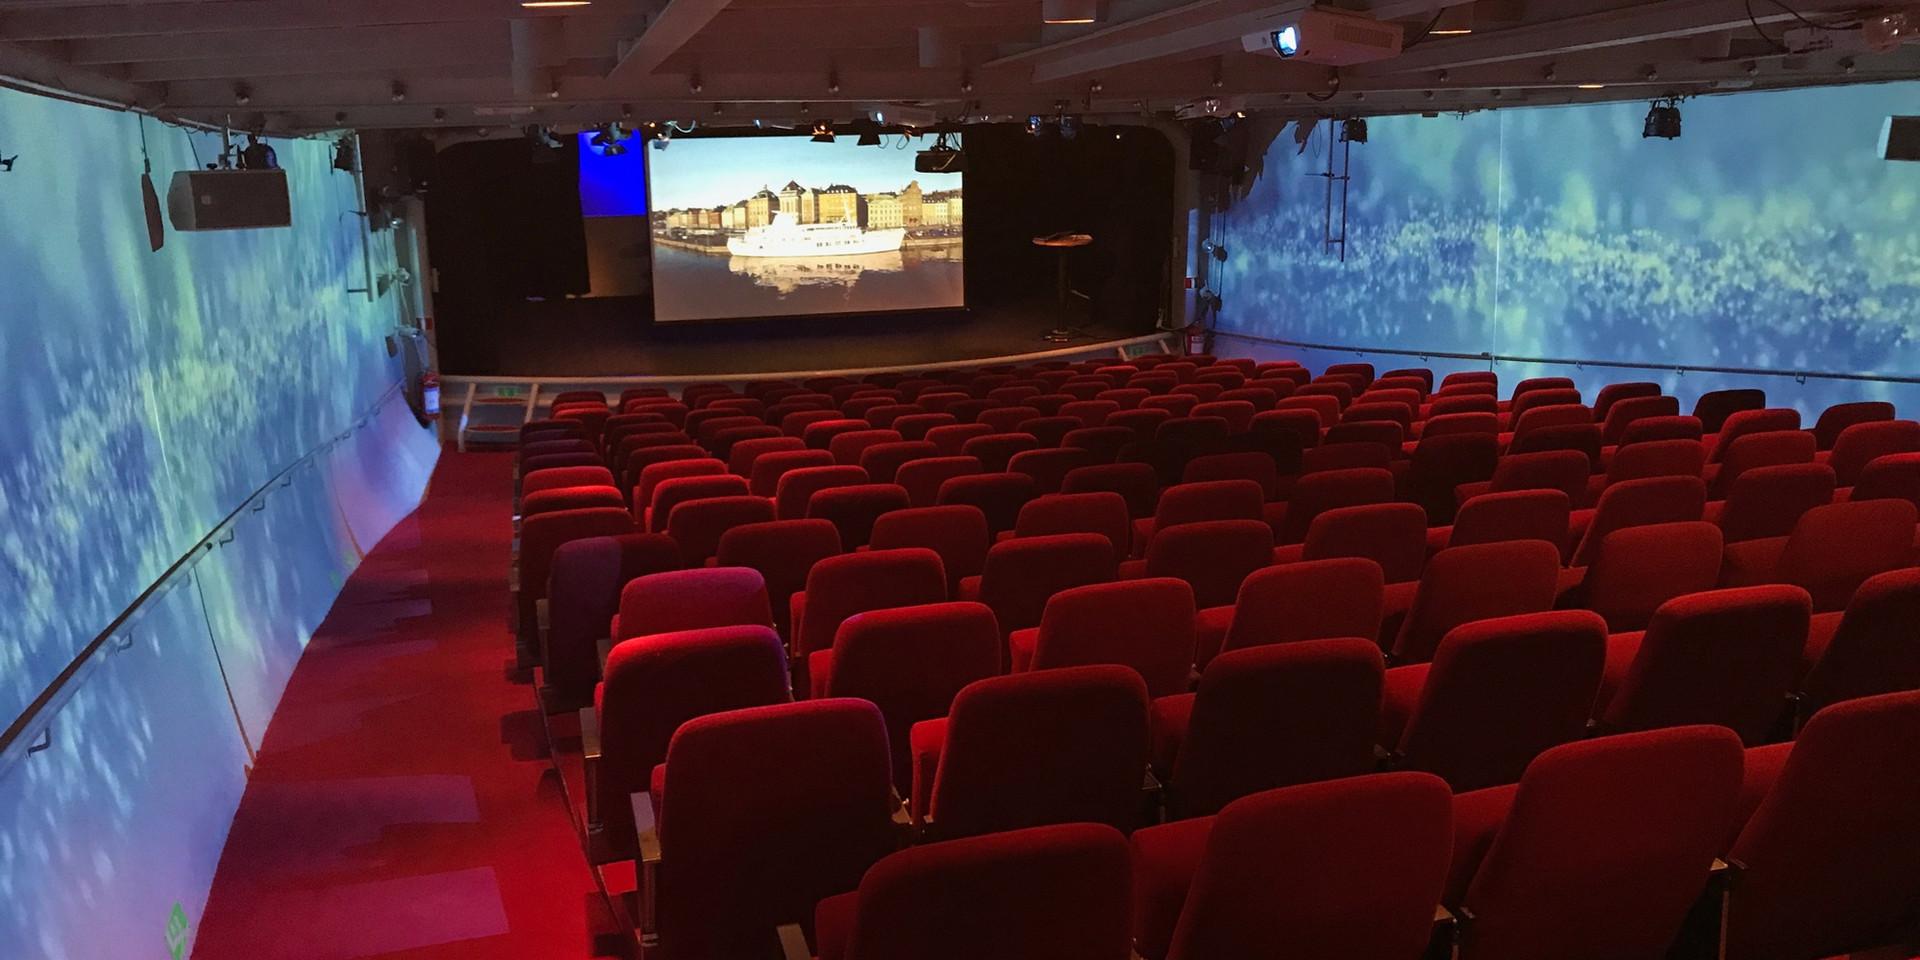 Konferenslokalen sidprojicering.JPG